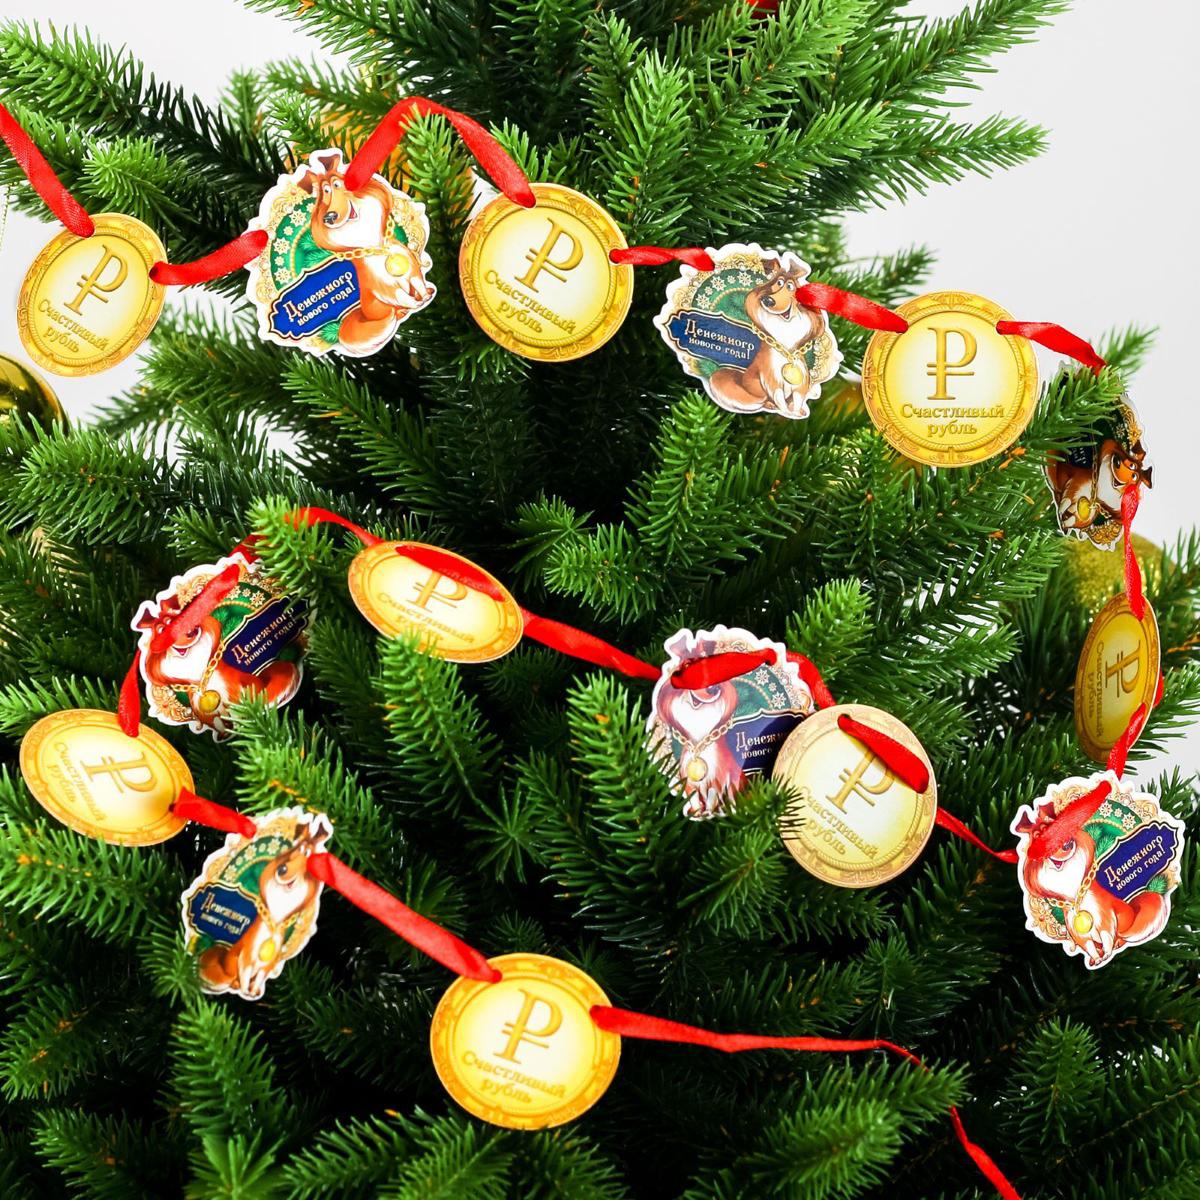 Гирлянда Счастливый рубль, 4,5 х 4,5 см, длина 2 м2268891Оформление — важная часть любого торжества, особенно Нового года. Яркие украшения для интерьера создадут особую атмосферу в вашем доме и подарят радость. Гирлянда придется по душе каждому. Подвесьте ее в комнате, и праздничное настроение не заставит себя ждать.